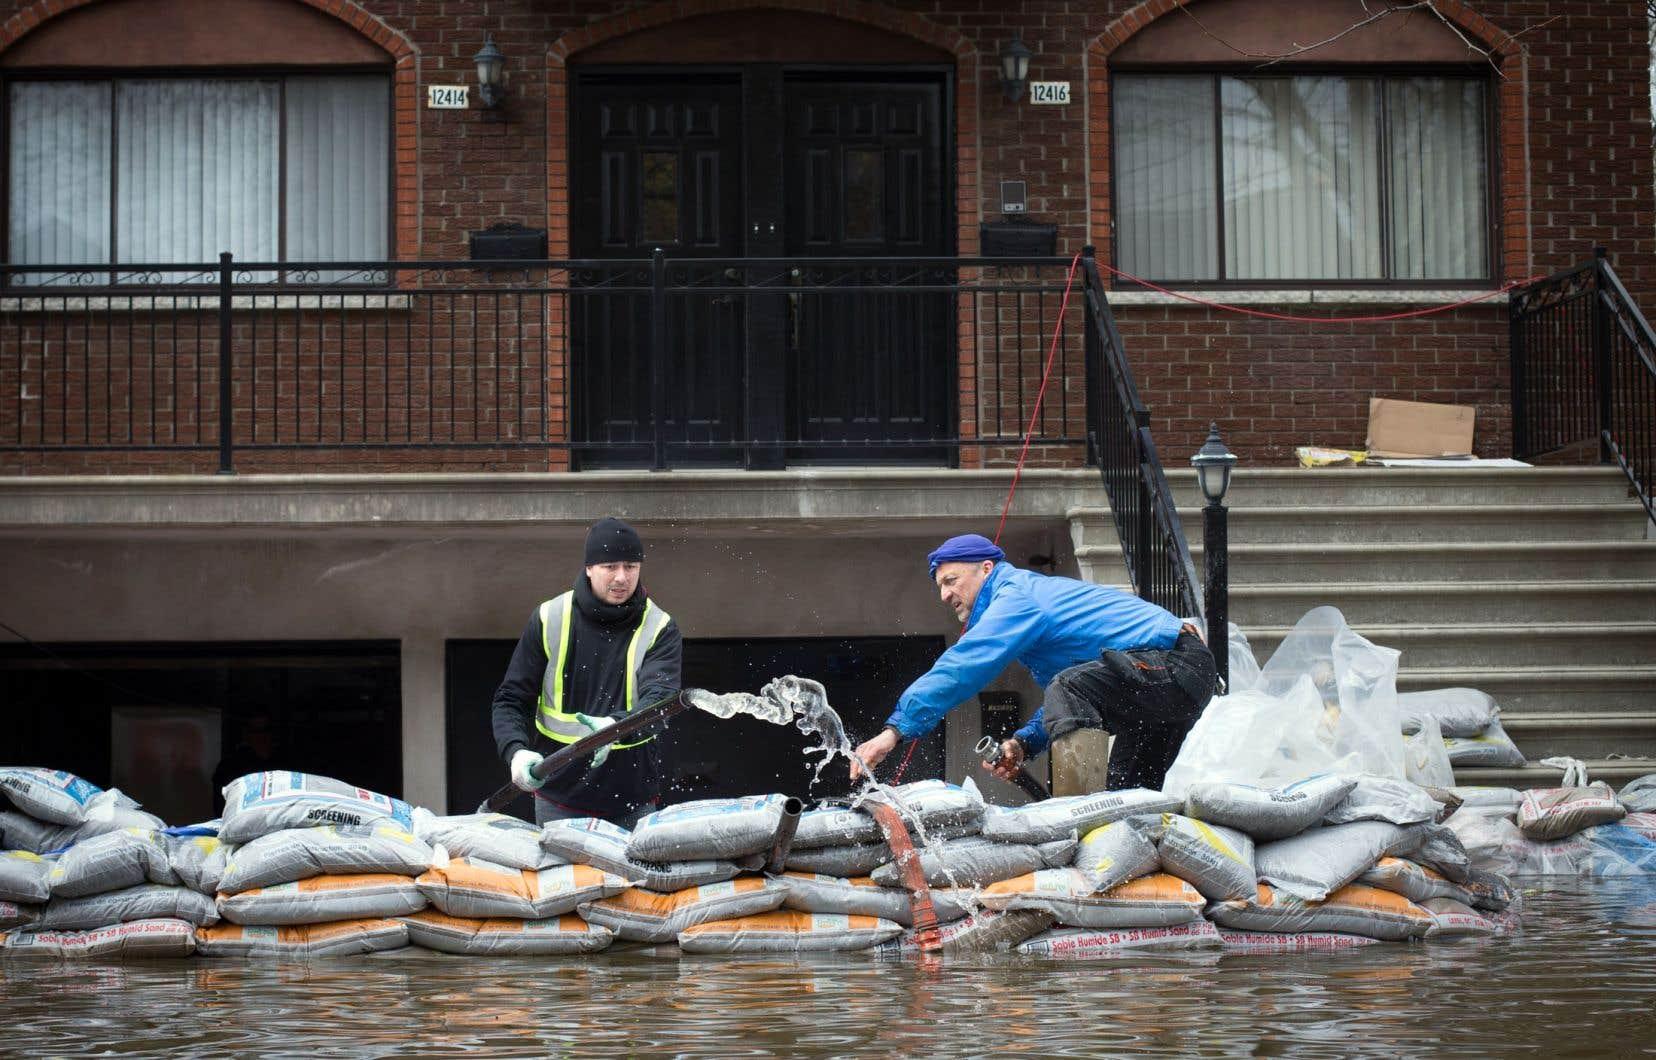 Inondations au printemps 2017 dans Ahuntsic-Cartierville, à Montréal. Les experts recommandent de construire les bâtiments en milieu inondable de façon plus résiliente.